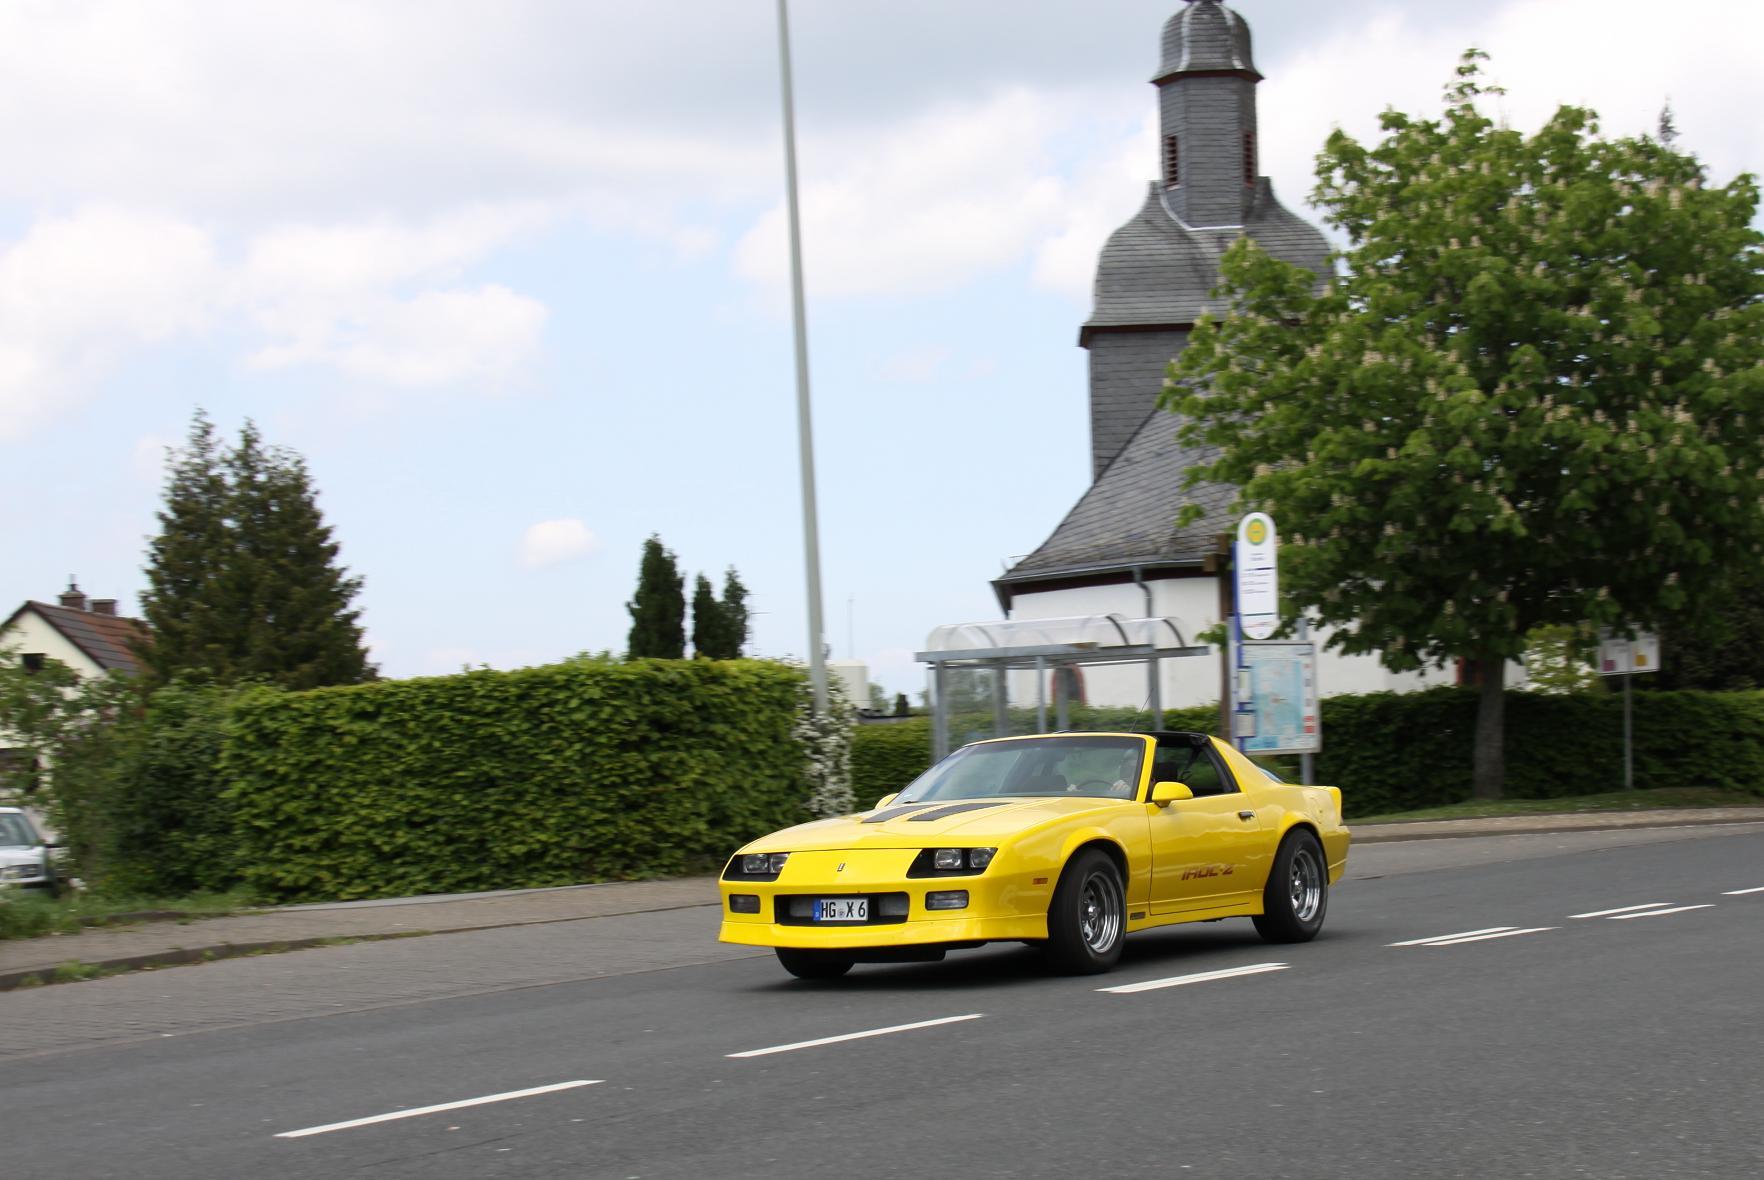 Dirk in seinem Camaro IROC-Z mit gebremstem Schaum an gleicher Stelle. Nach 112 Jahren ist die Kirche im Dorf, und da lassen wir sie auch.